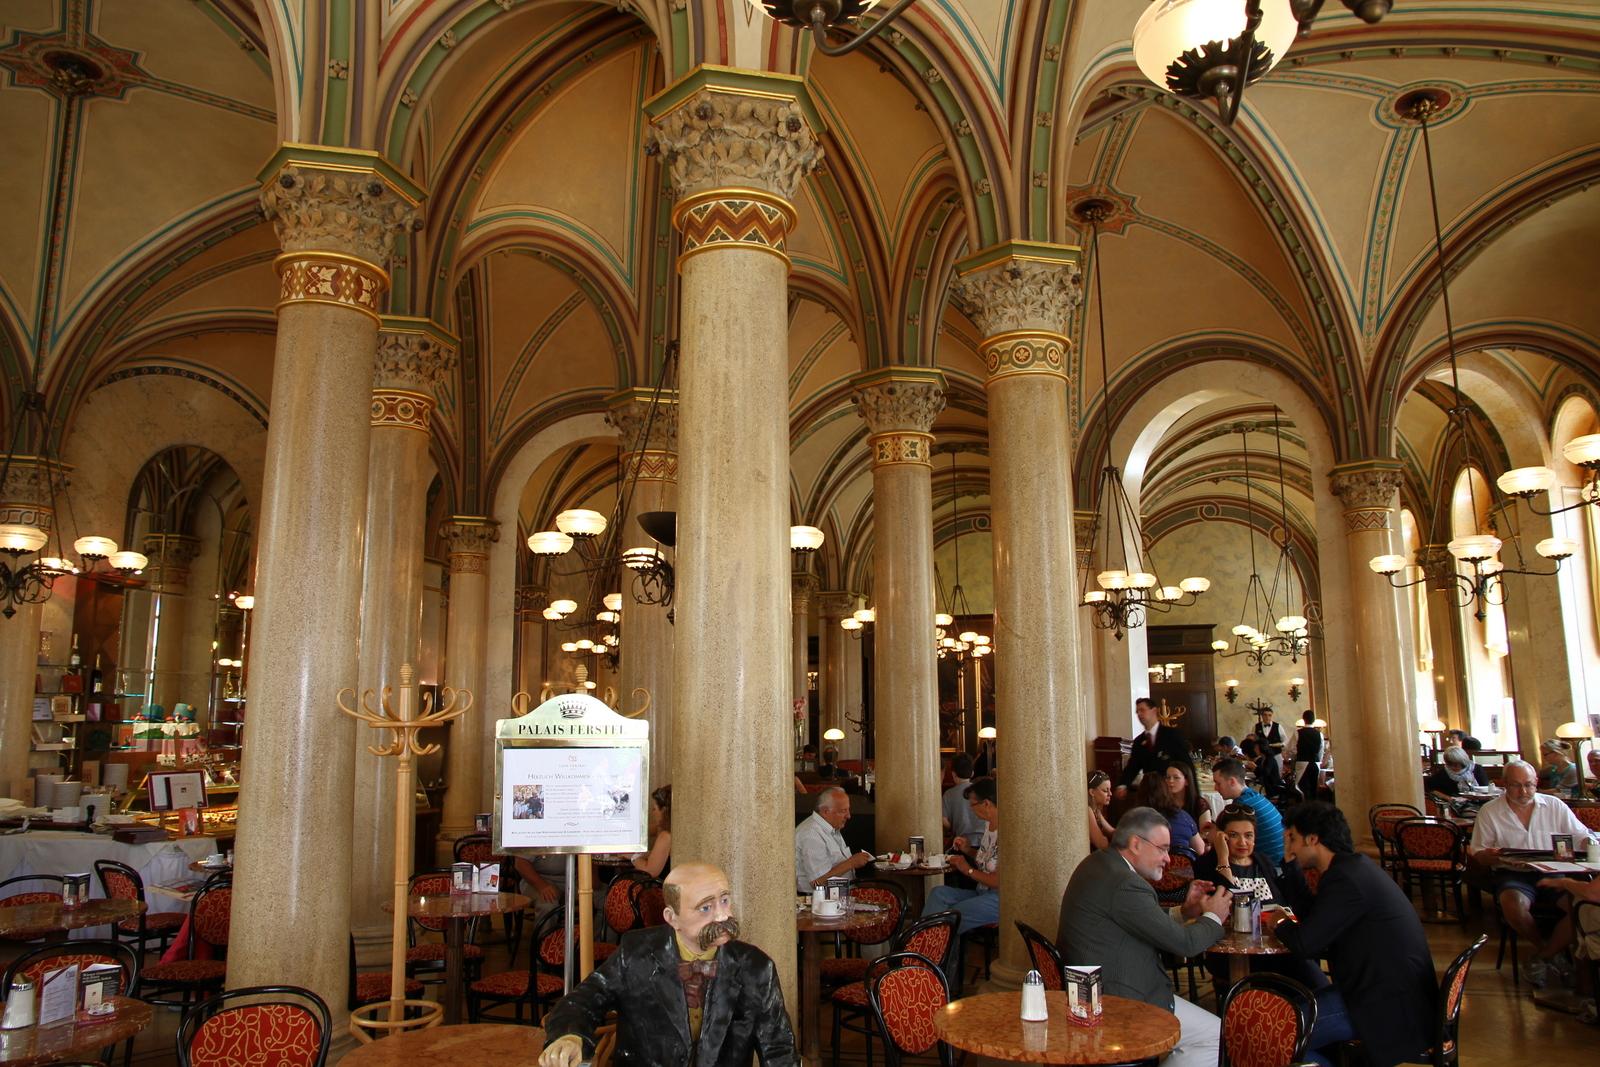 Cafe Central Wien Fr Ef Bf Bdhst Ef Bf Bdck